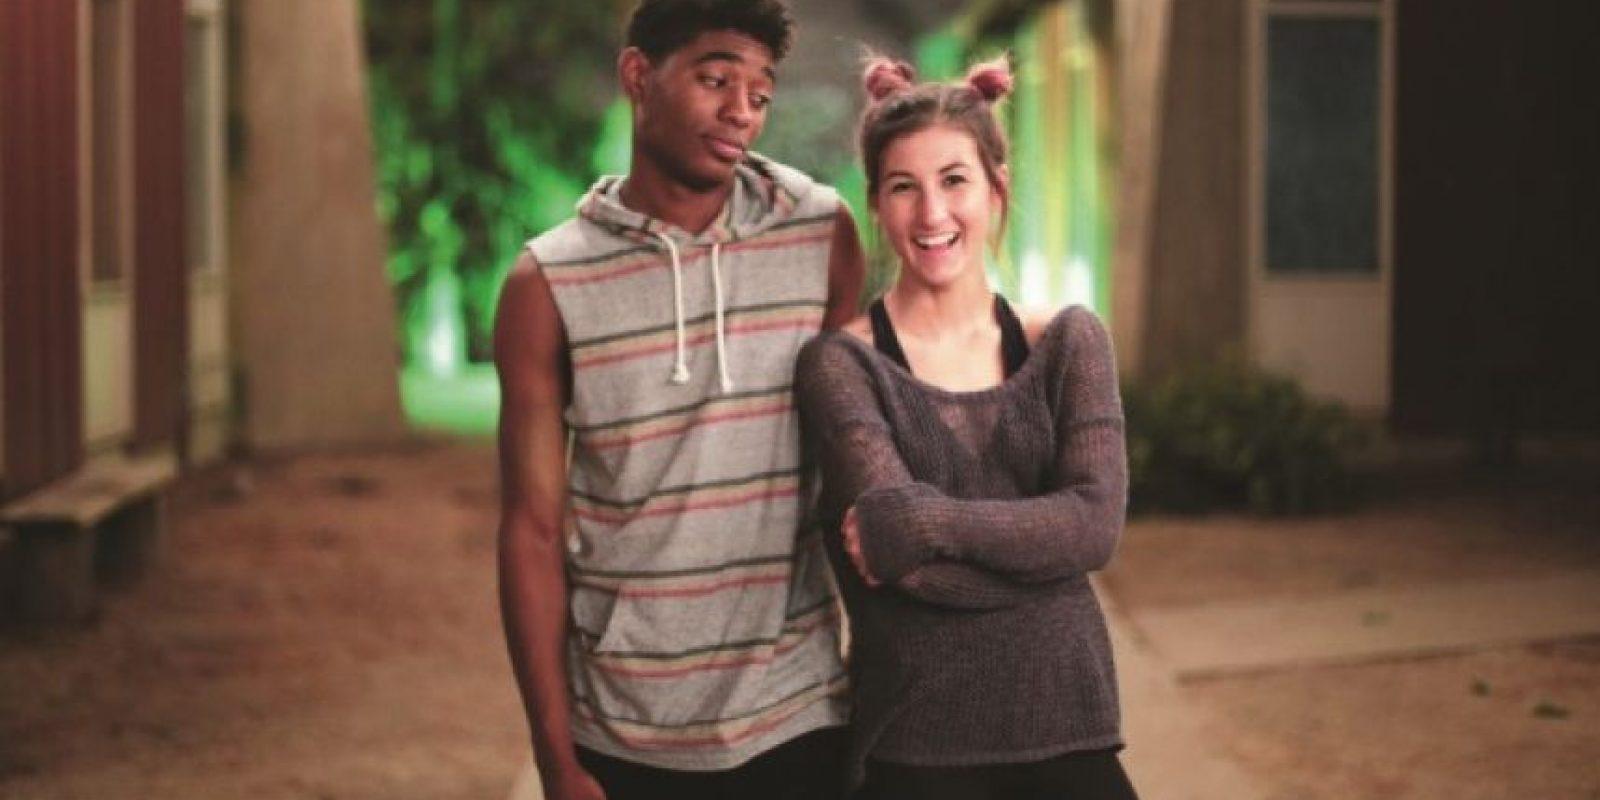 Dance Camp. Película que contará la historia de amistades improbables, las pasiones y el descubrimiento personal a través del baile. Foto:Fuente Externa